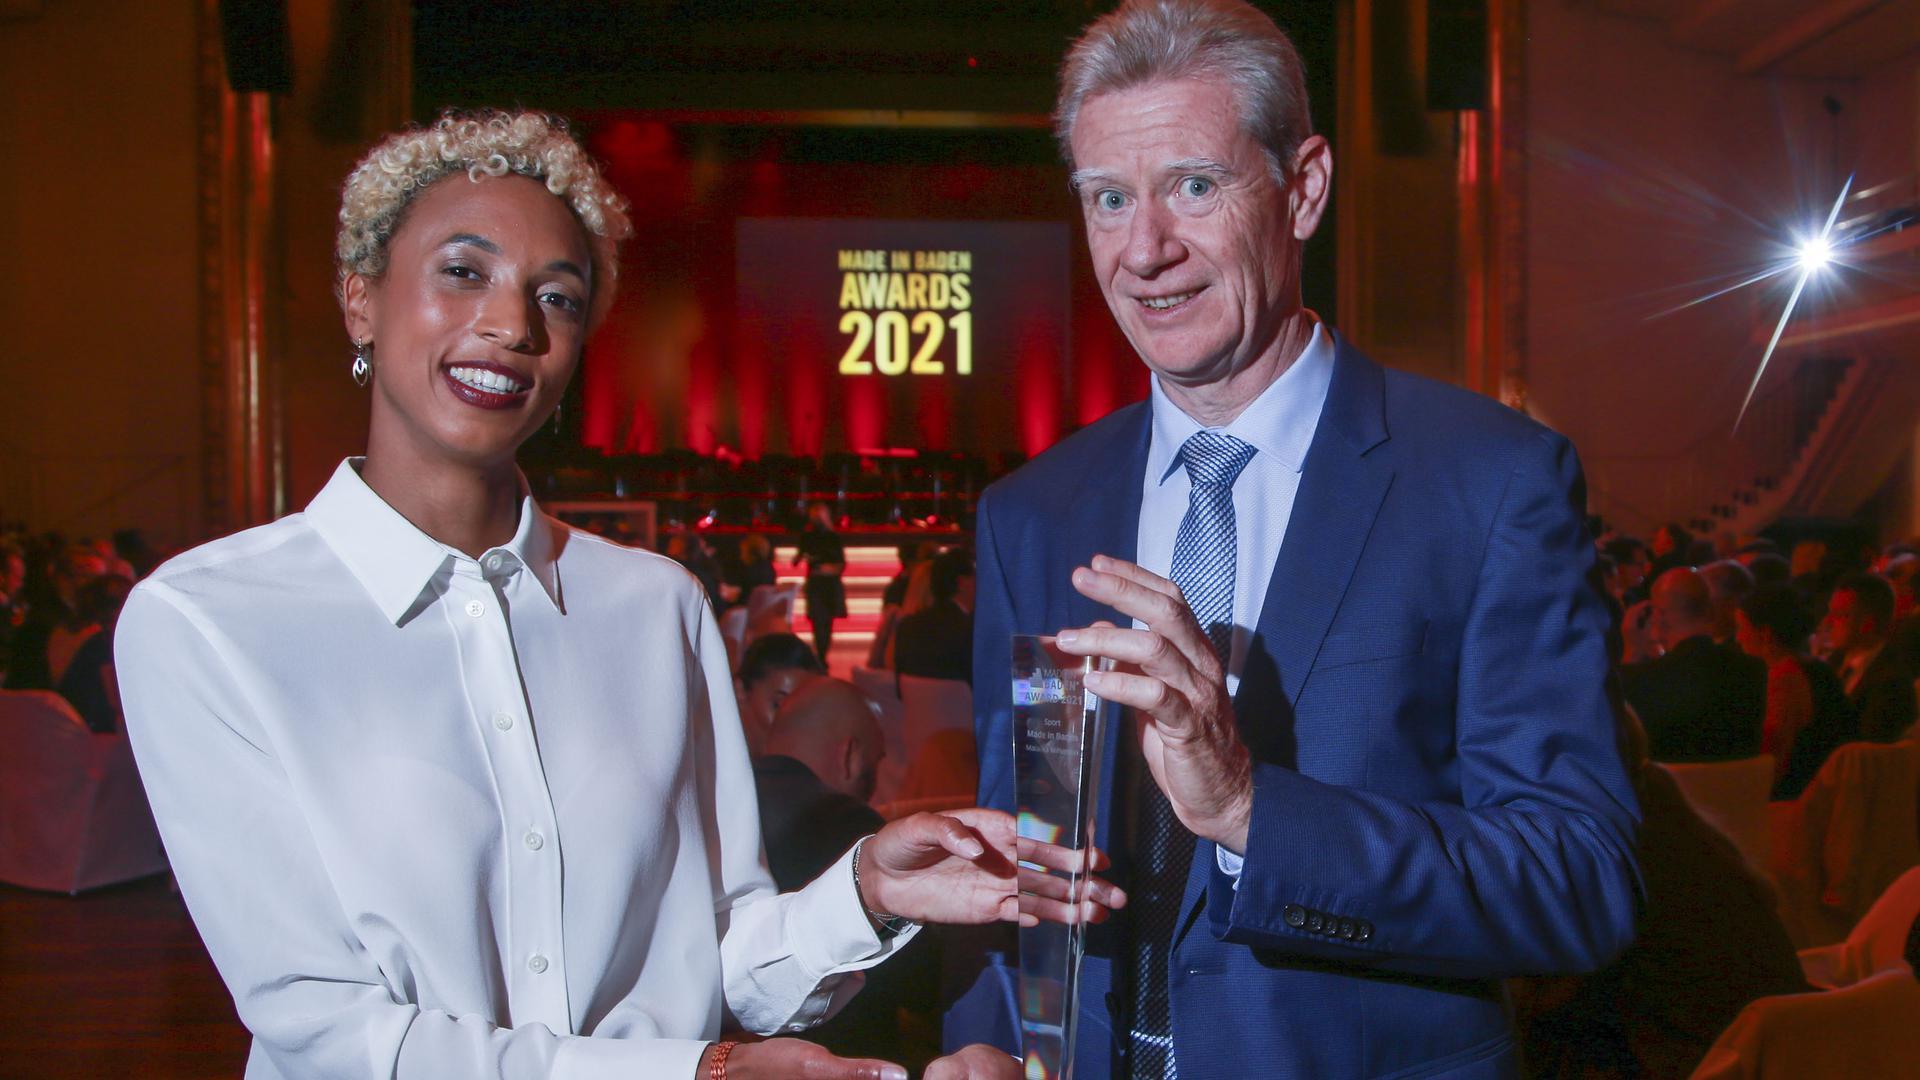 Die Laudatio auf Olympiasiegerin Malaika Mihambo hielt der Direktor des Karlsruher Indoor-Meetings, Alain Blondel.